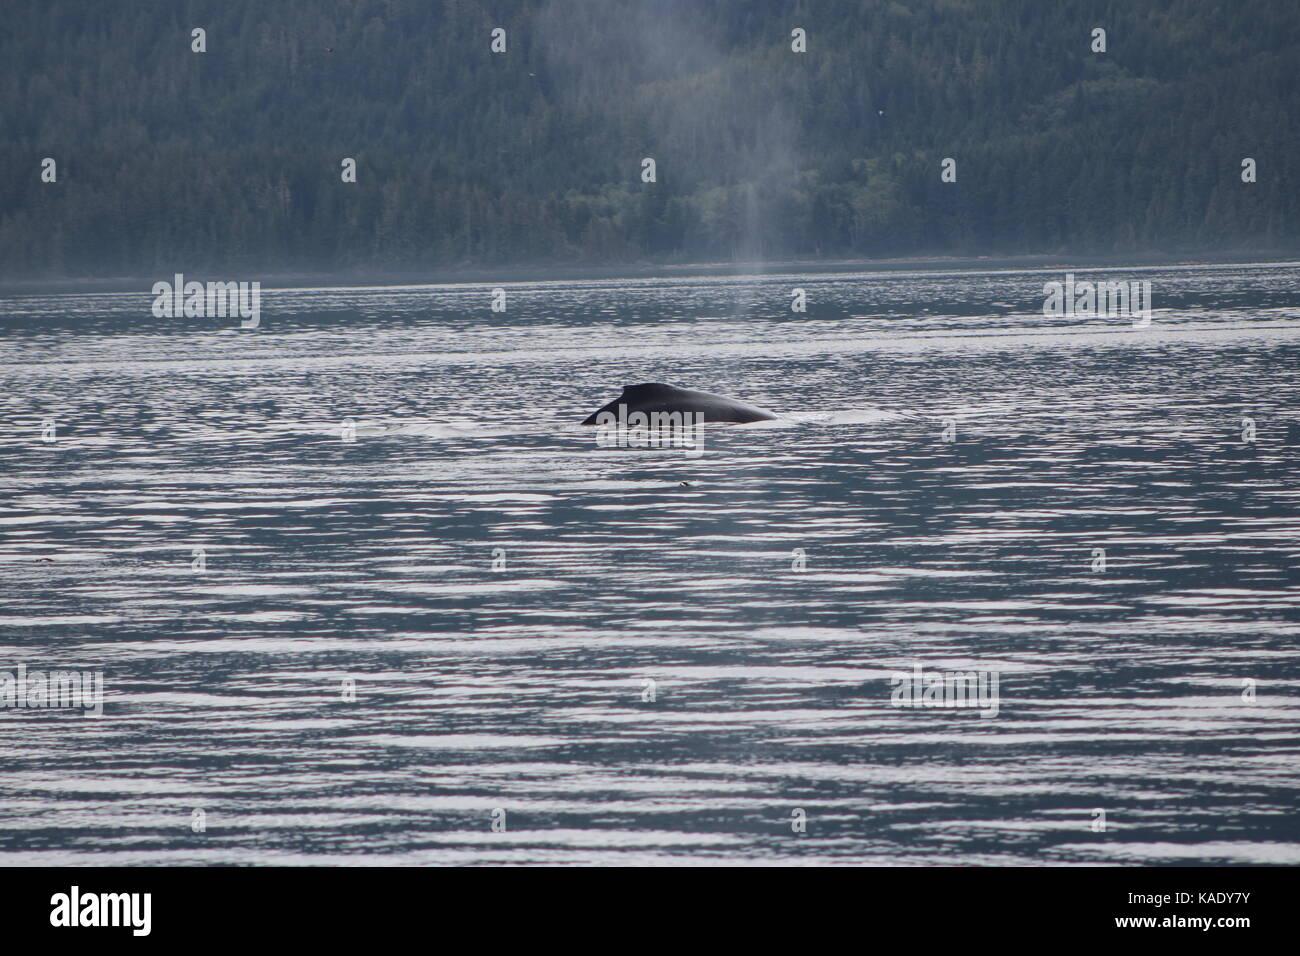 Humpback Whale British Columbia - Stock Image